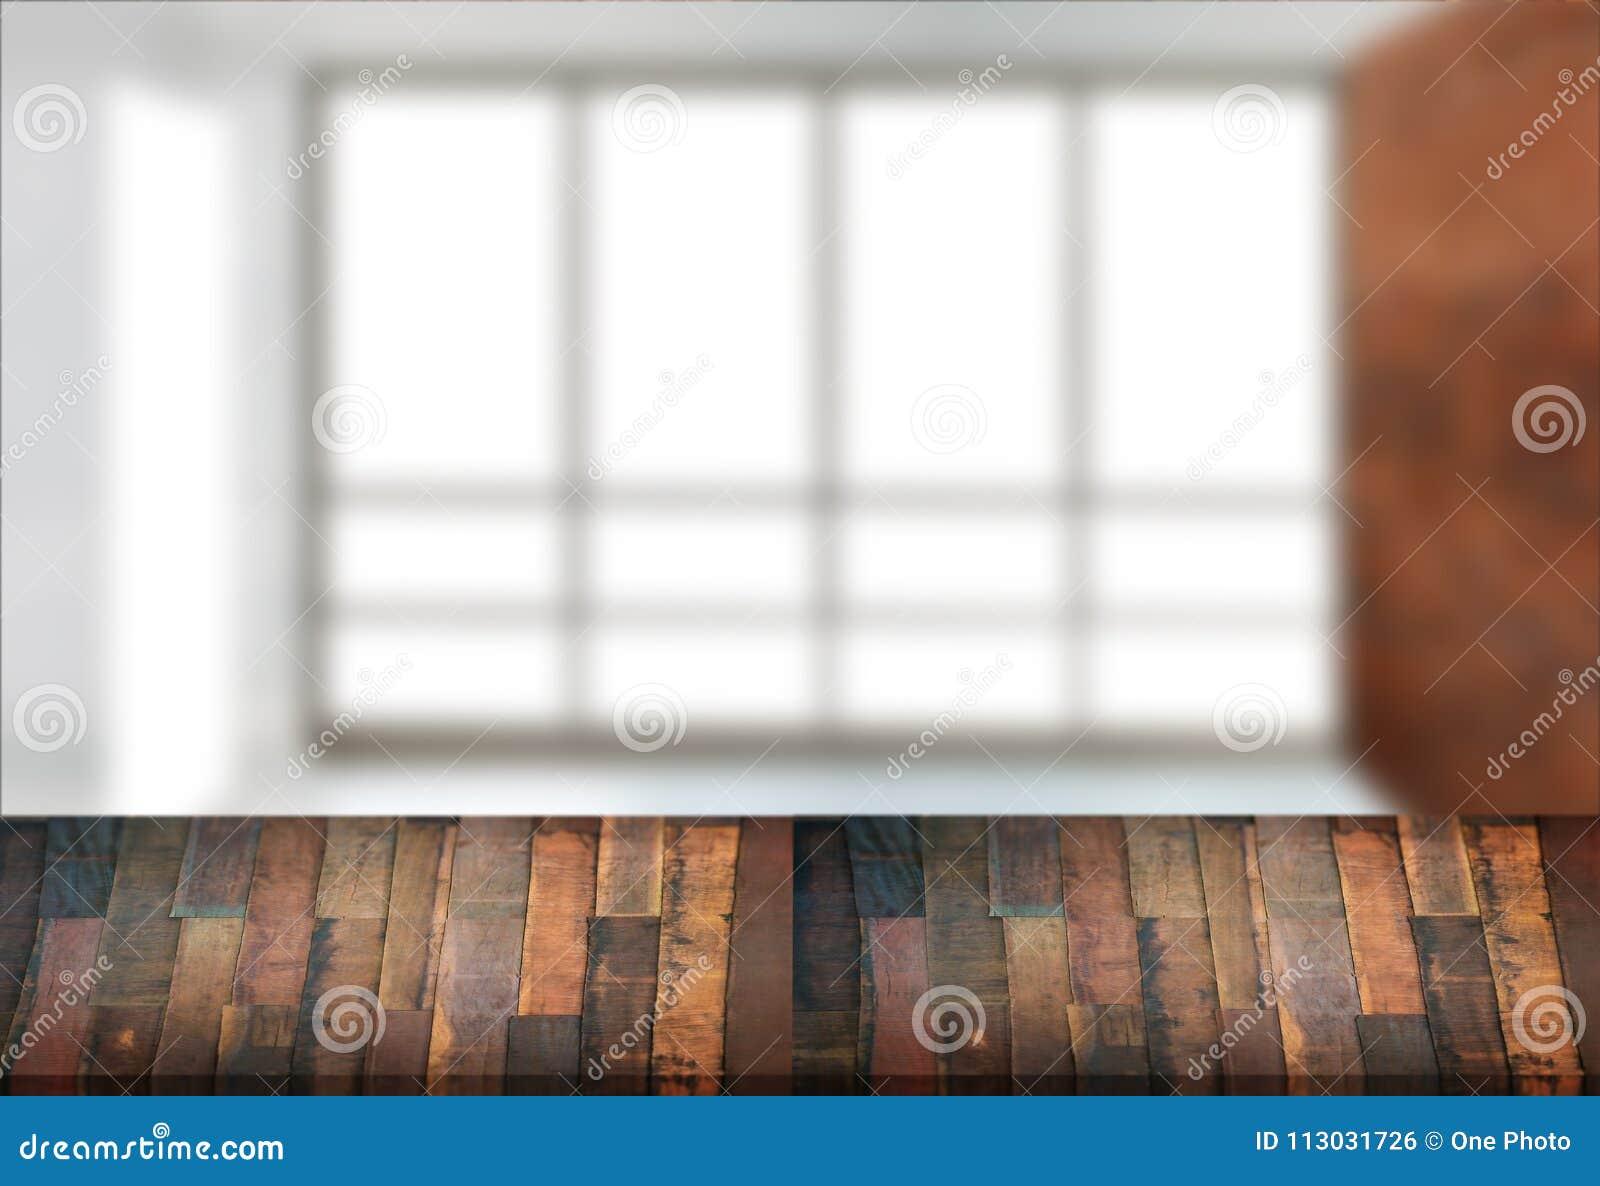 El fondo borroso ventana vacía de la tabla del tablero de madera puede ser utilizado